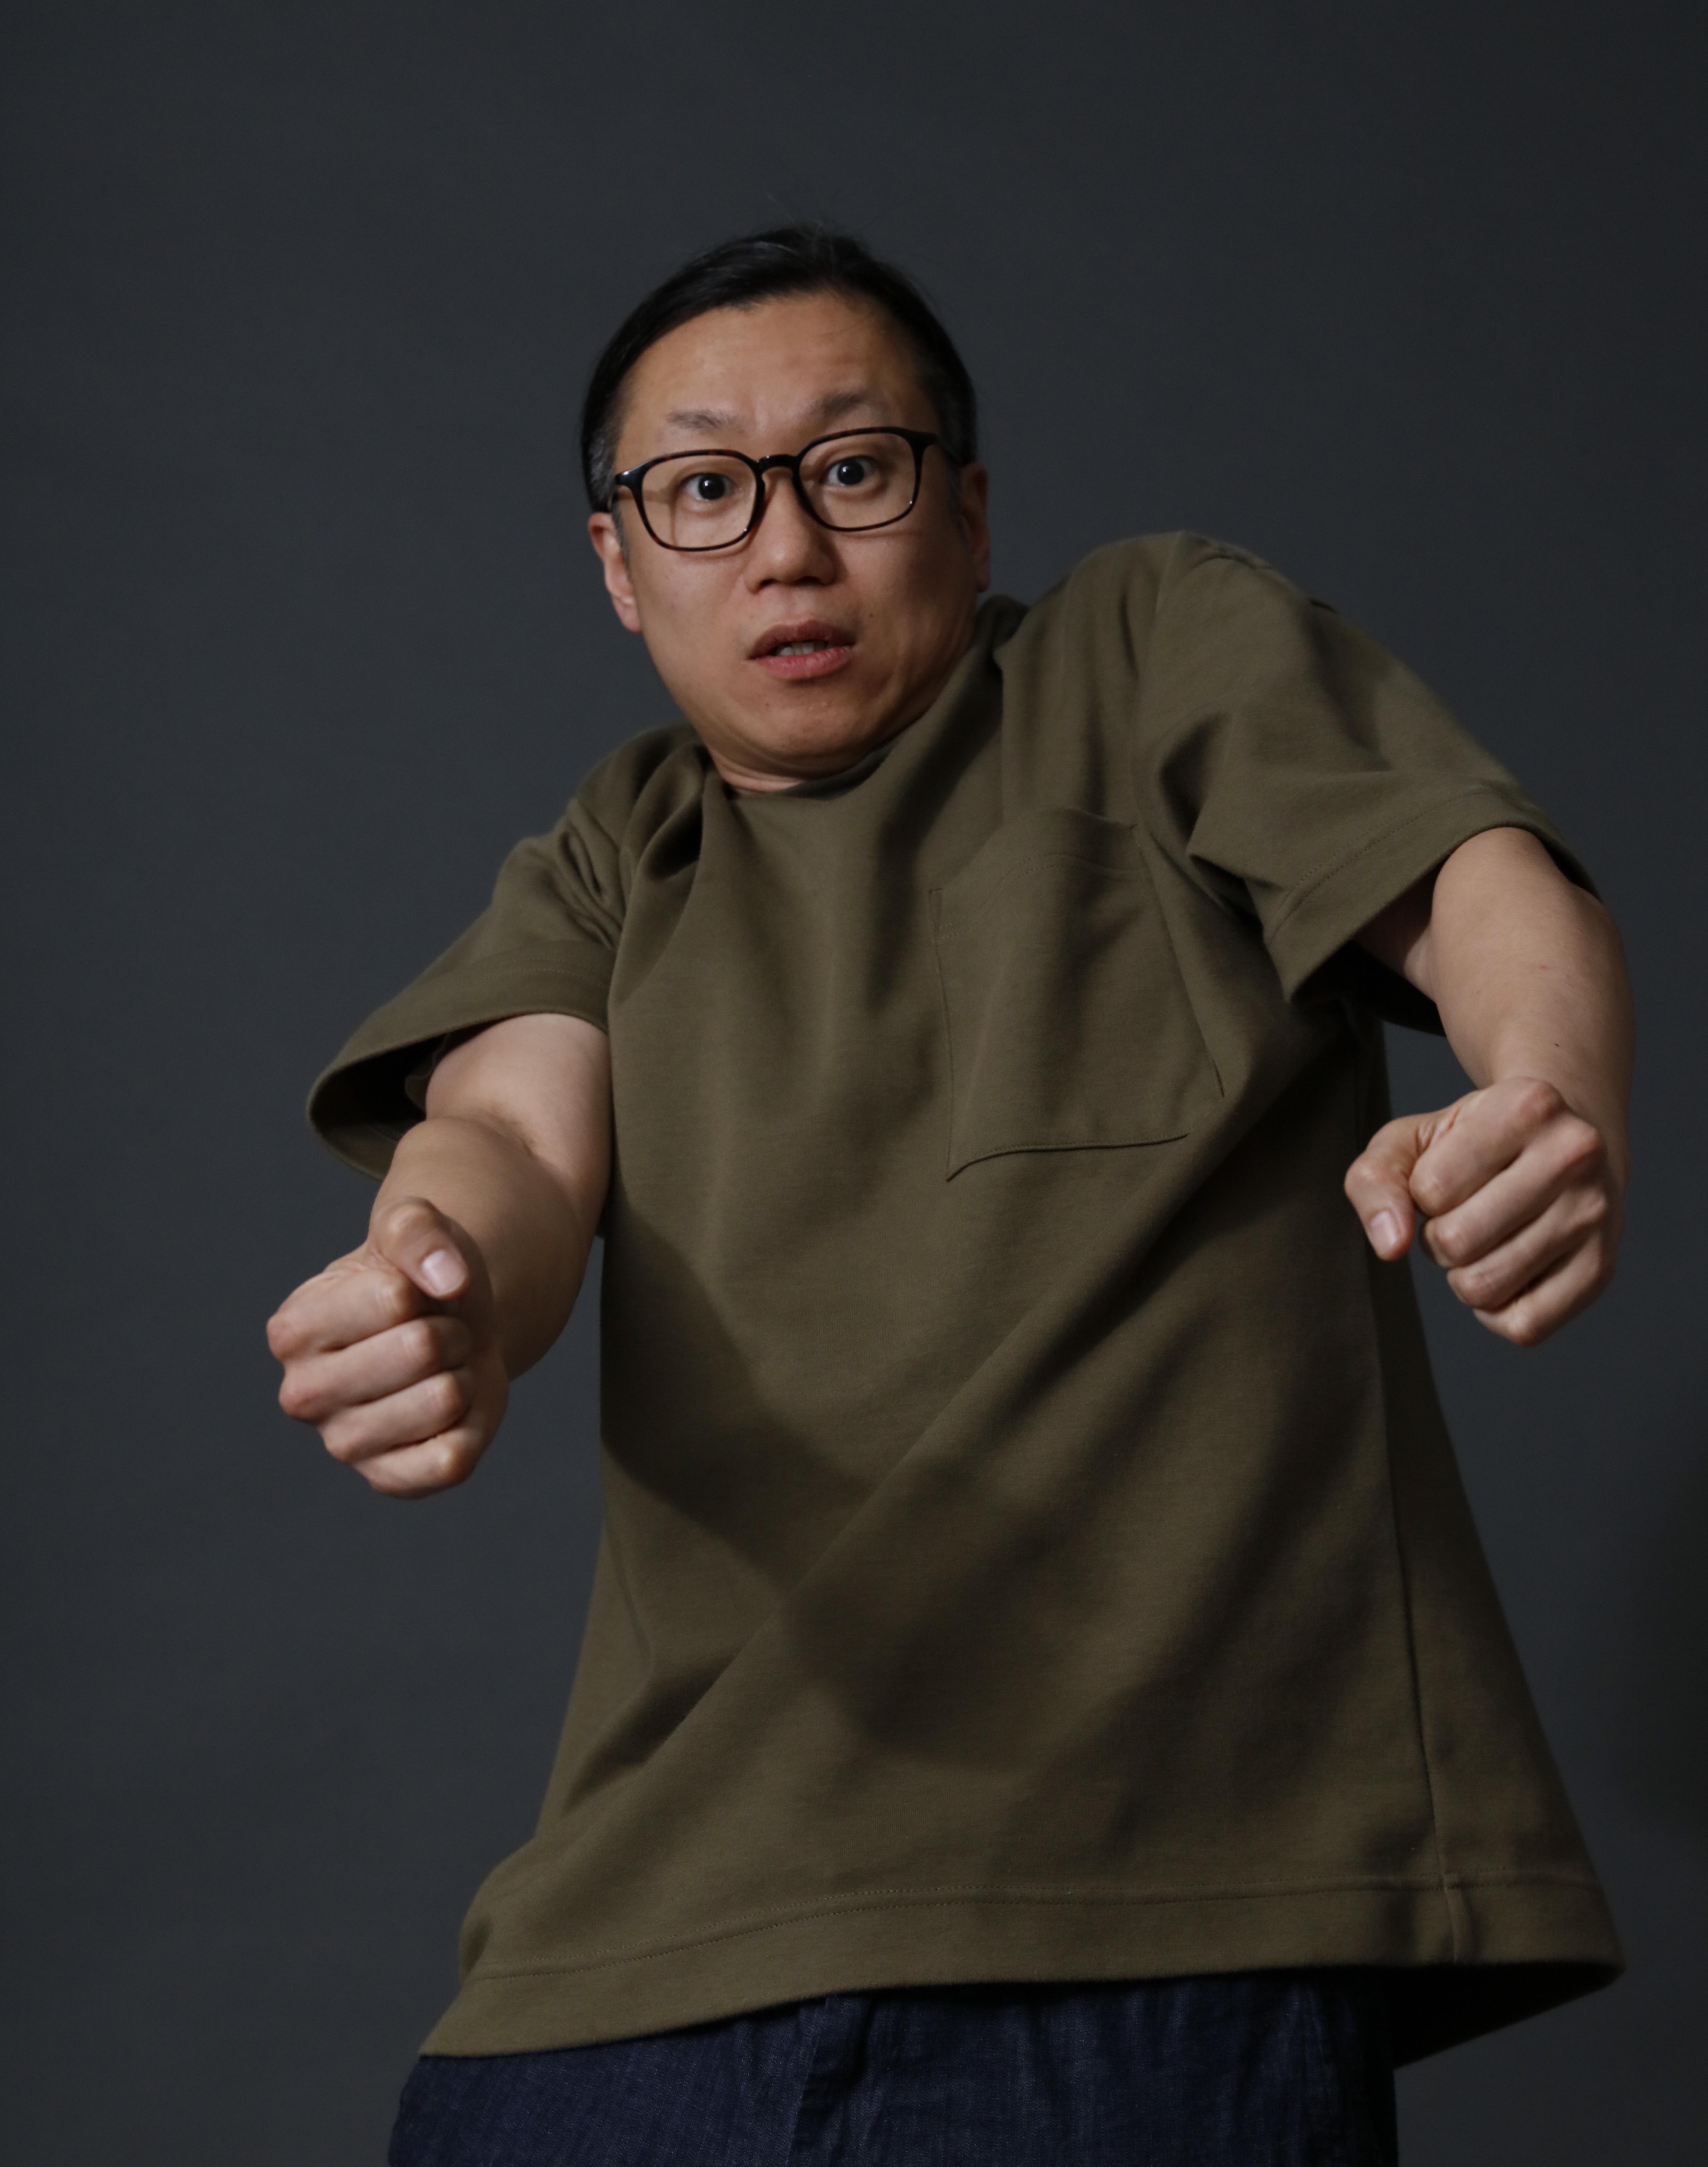 ダンサー熊谷拓明がコロナ禍でレッスン再開後に感じた事とは?!